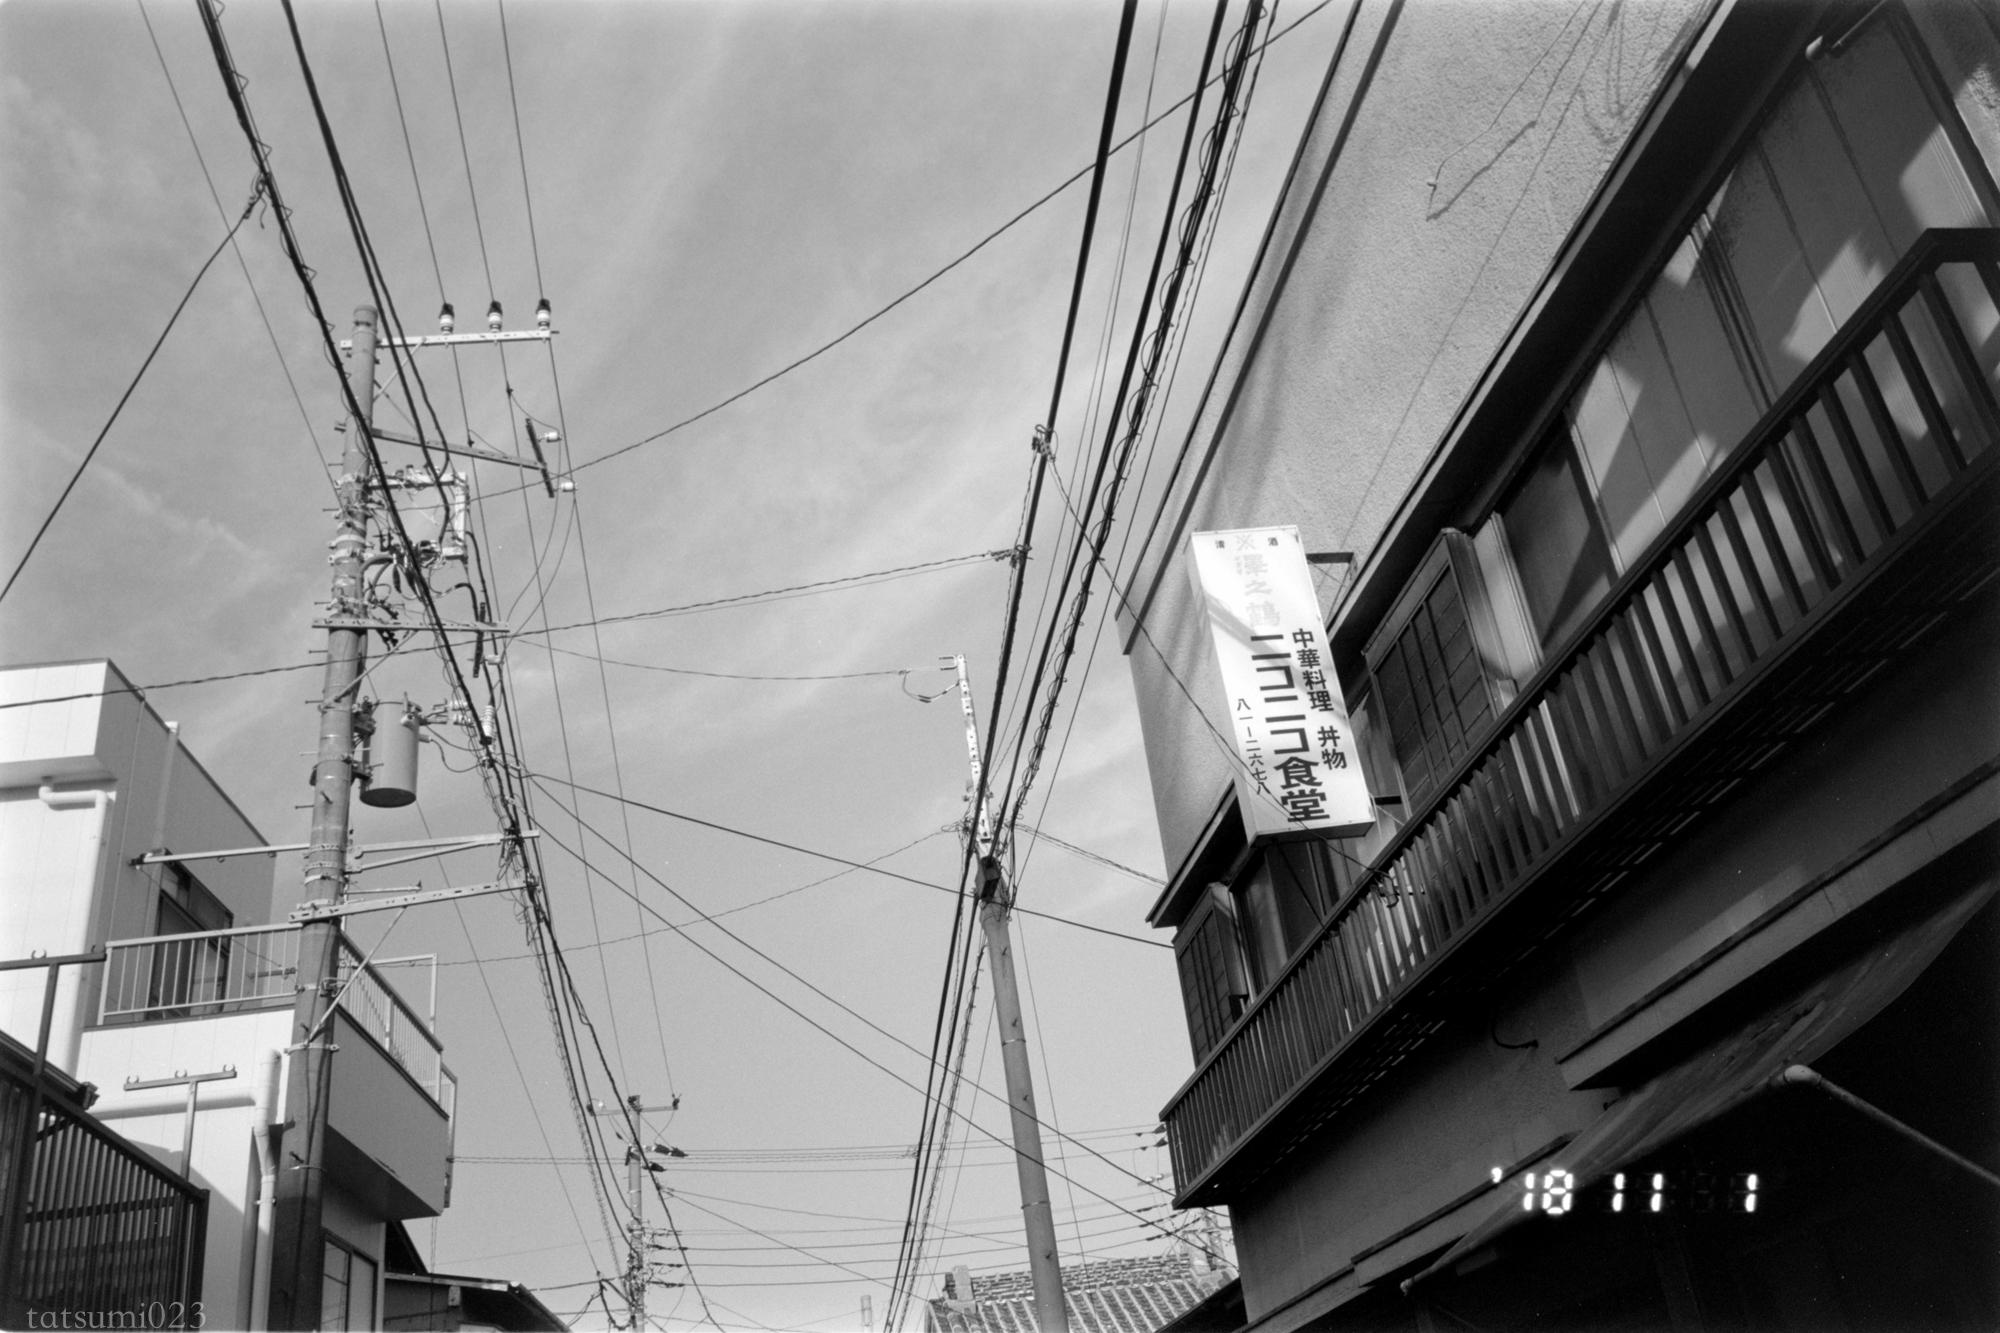 f:id:tatsumi023:20190116134706j:plain